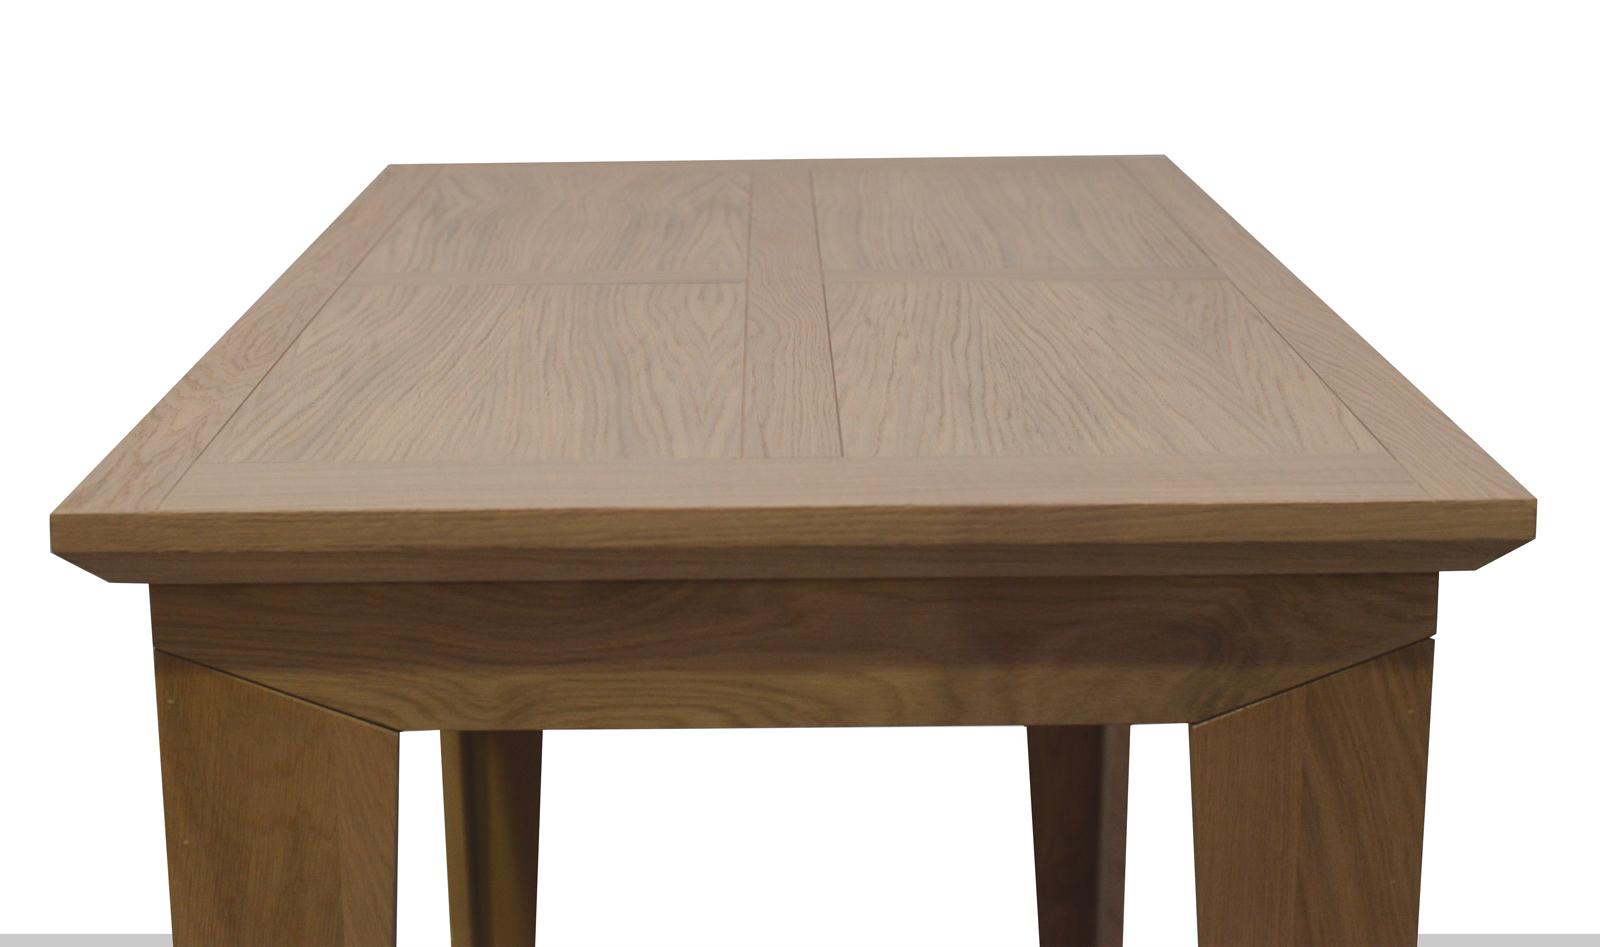 Table Debout Amande Pieds Chic Finition Naturelle En Mange Chêne 8Nnm0w